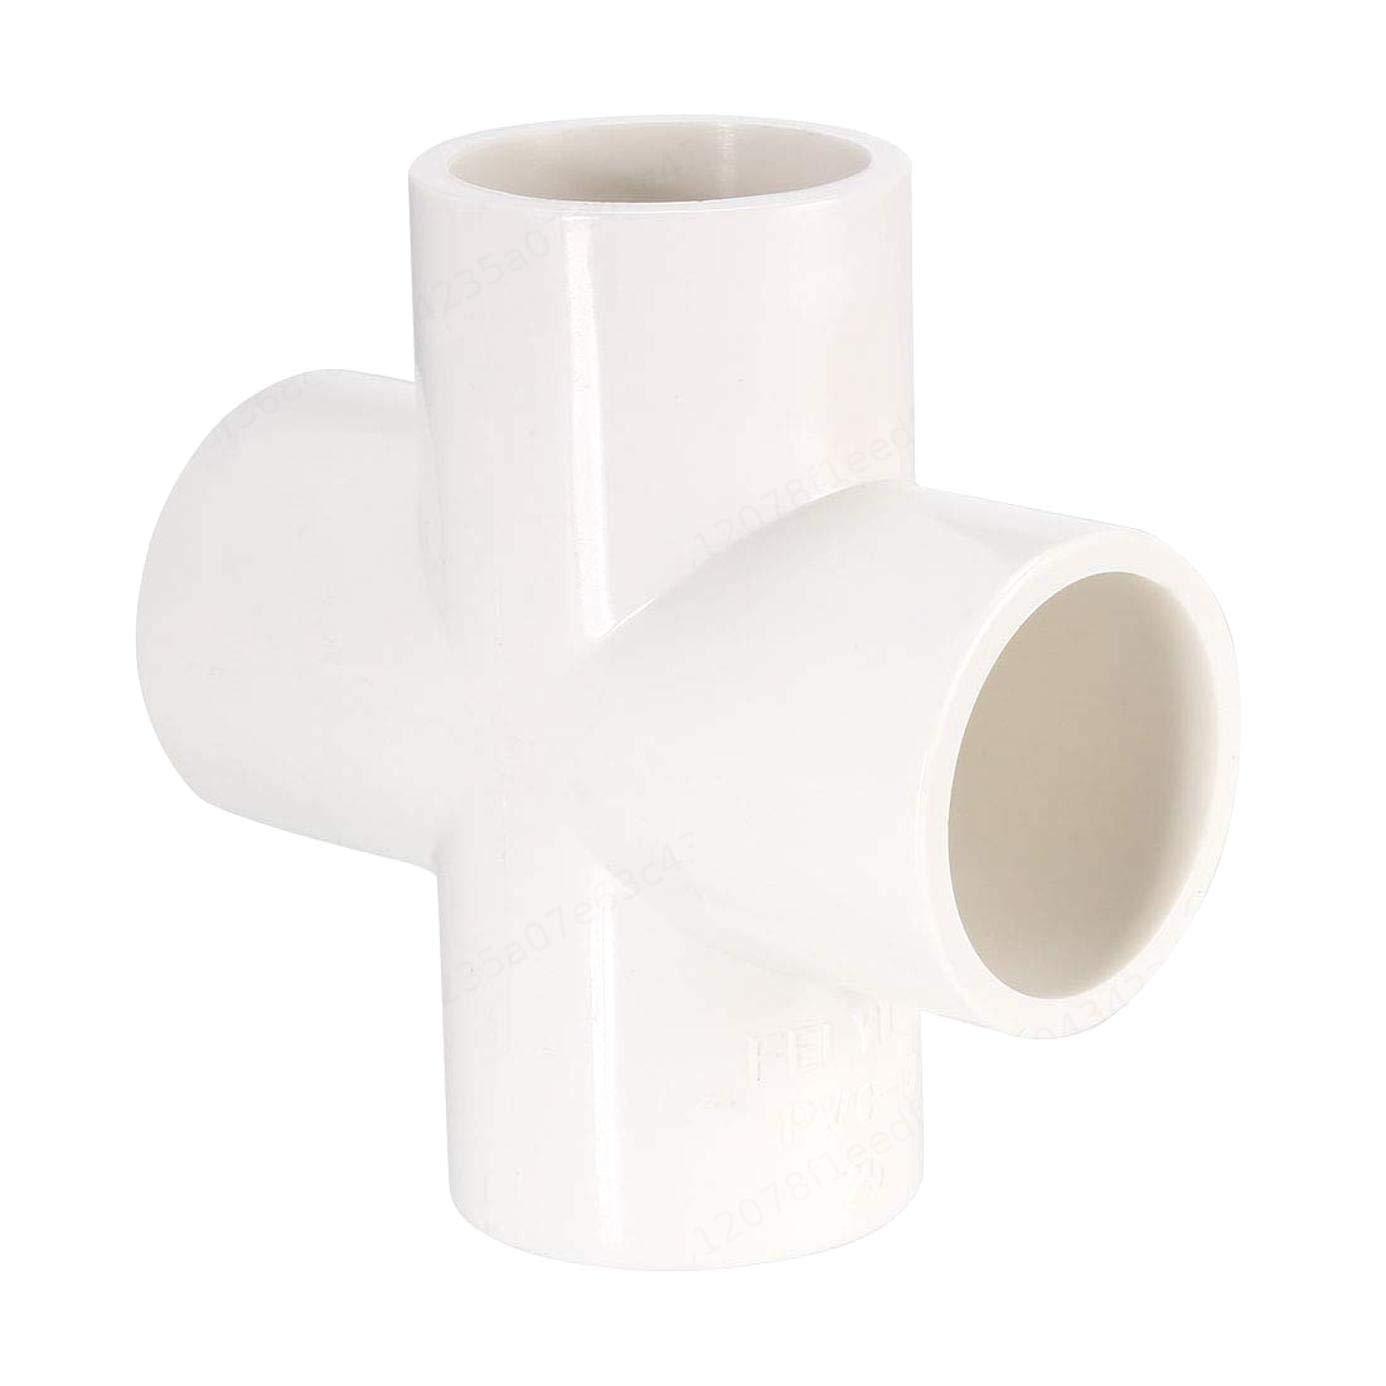 PRINDIY 4 Way Cross Schedule 40 20mm Socket tee Corner Fitting Accesorios de tuber/ía de PVC Blanco